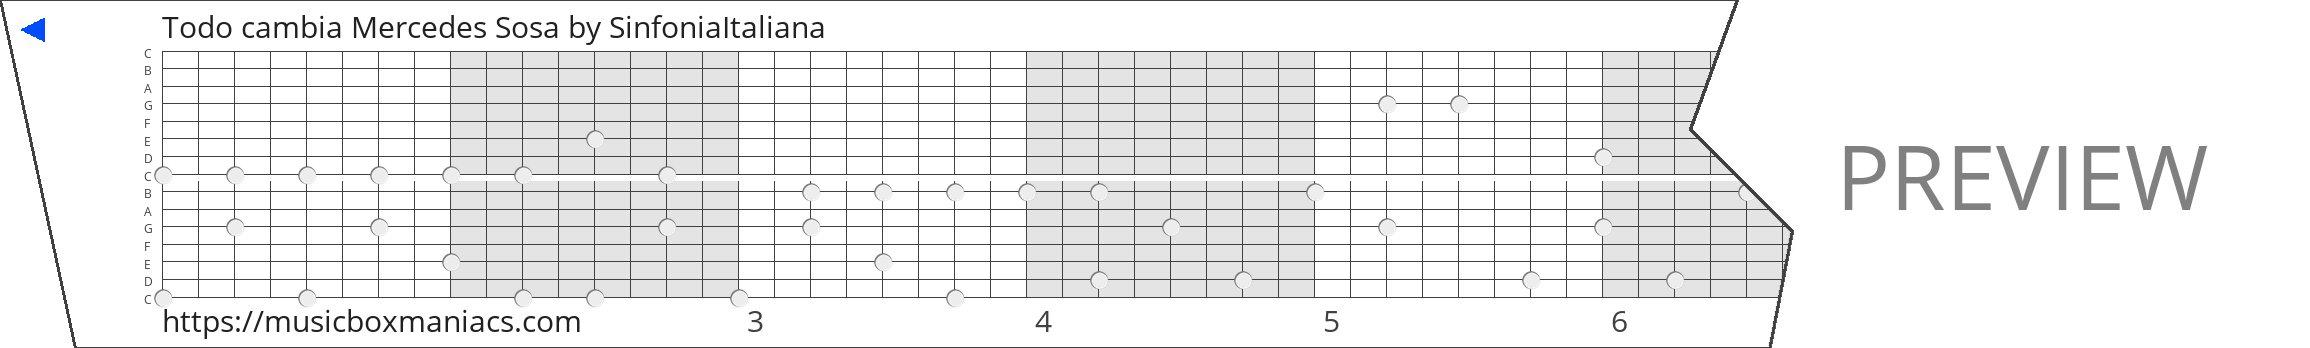 Todo cambia Mercedes Sosa 15 note music box paper strip